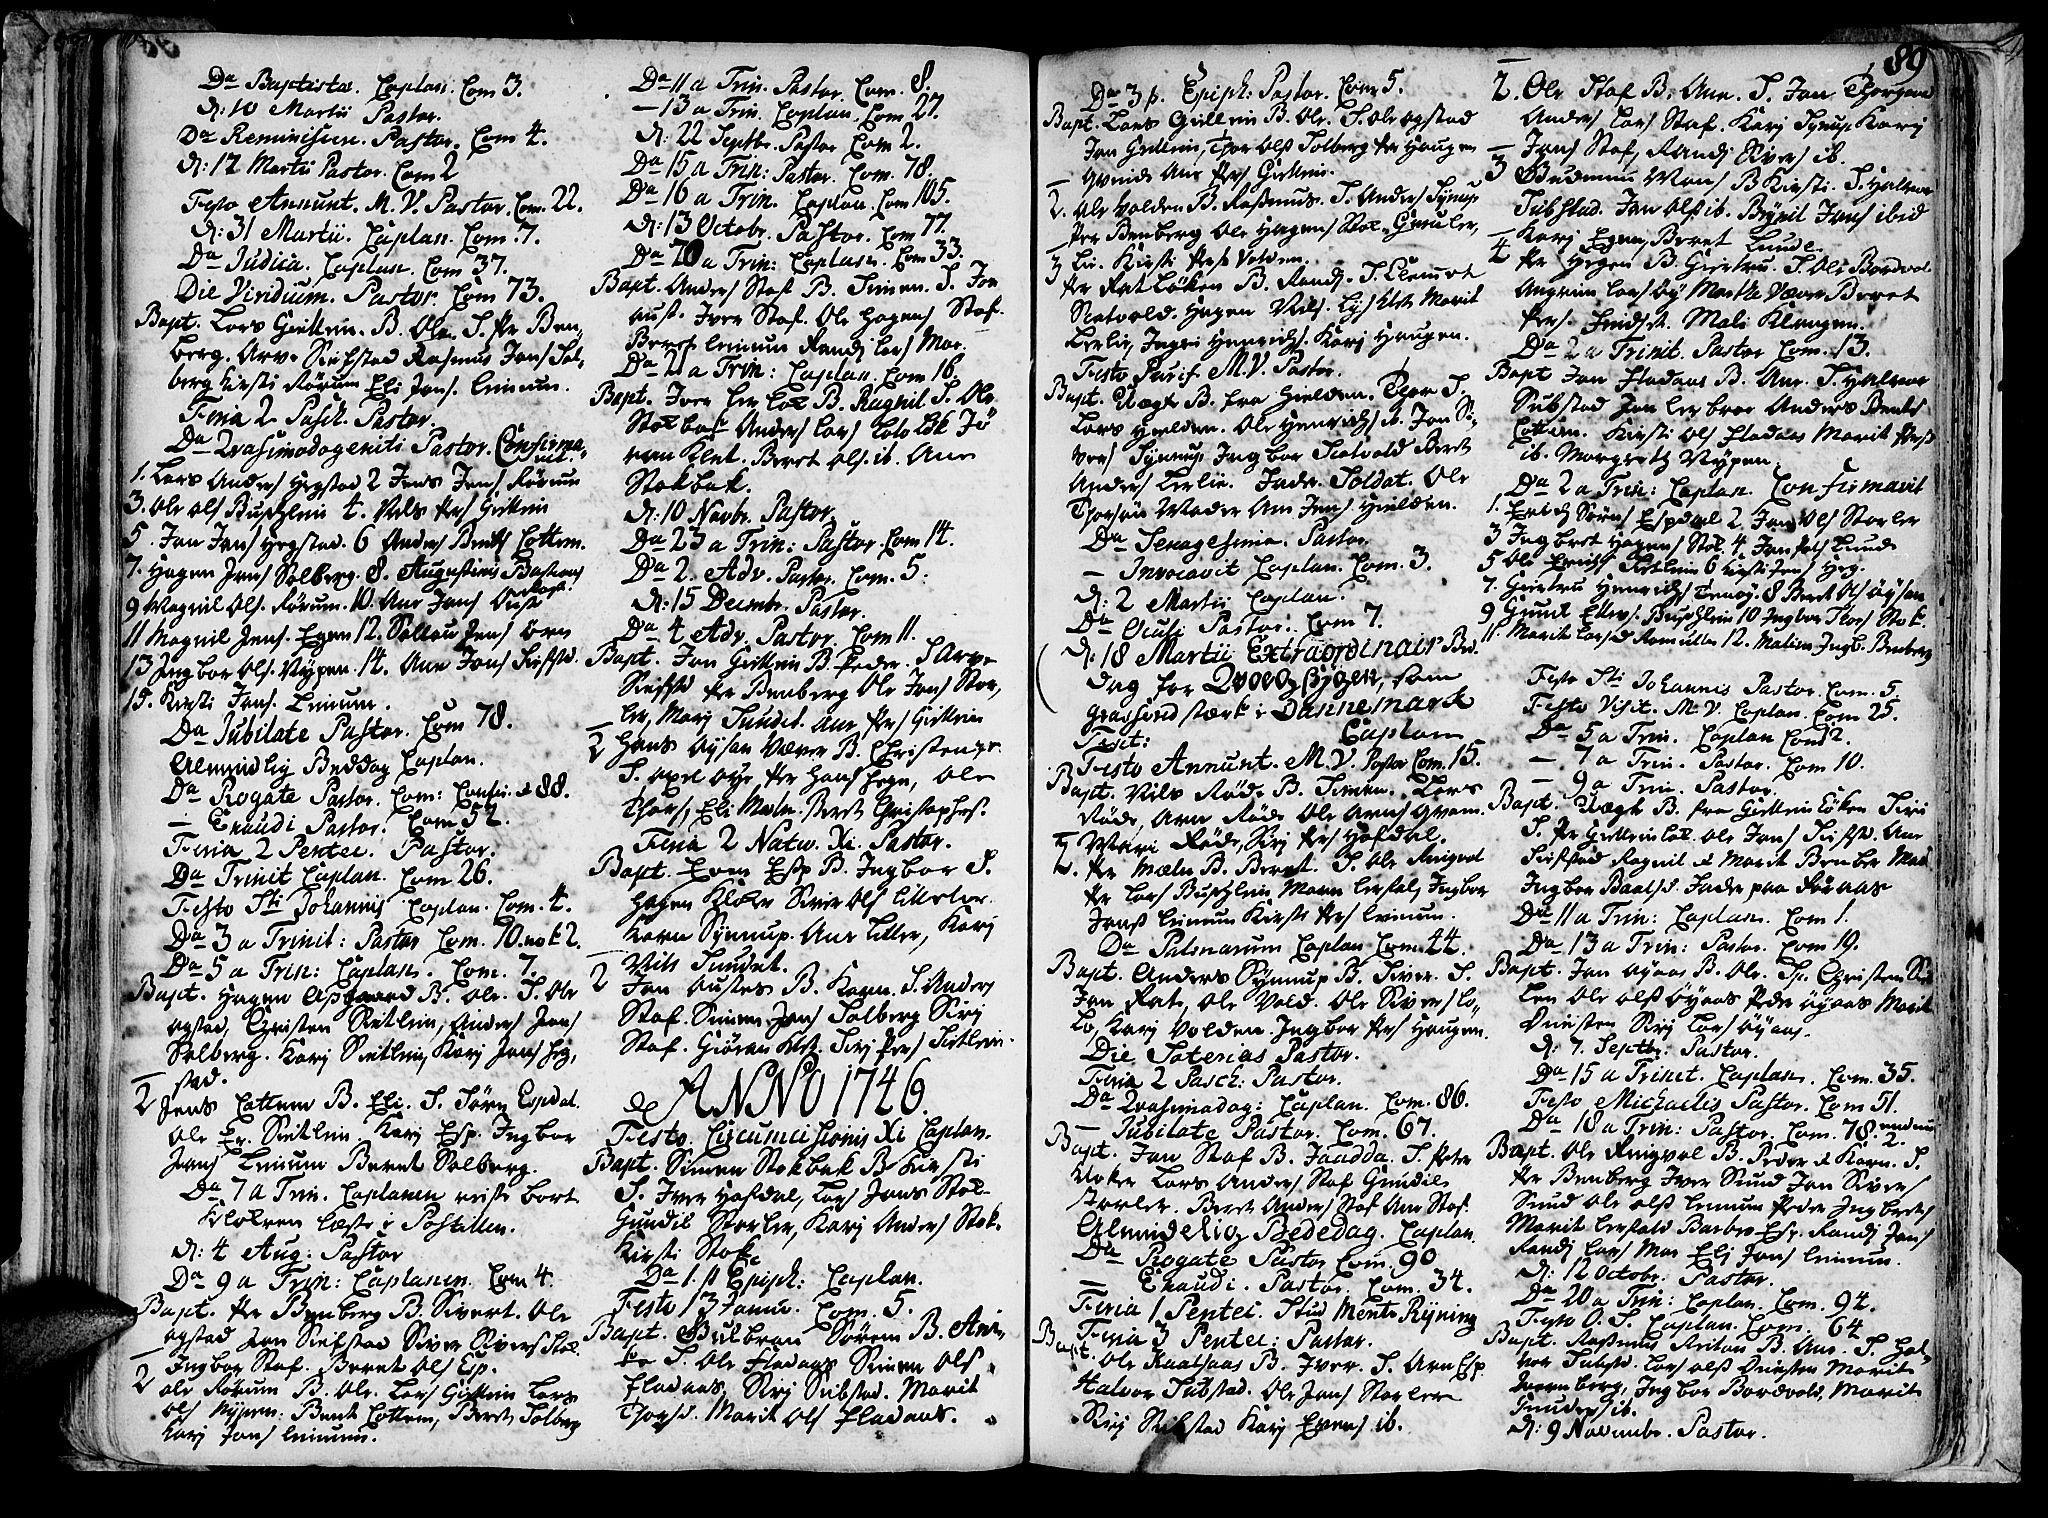 SAT, Ministerialprotokoller, klokkerbøker og fødselsregistre - Sør-Trøndelag, 691/L1059: Ministerialbok nr. 691A01 /3, 1740-1767, s. 89